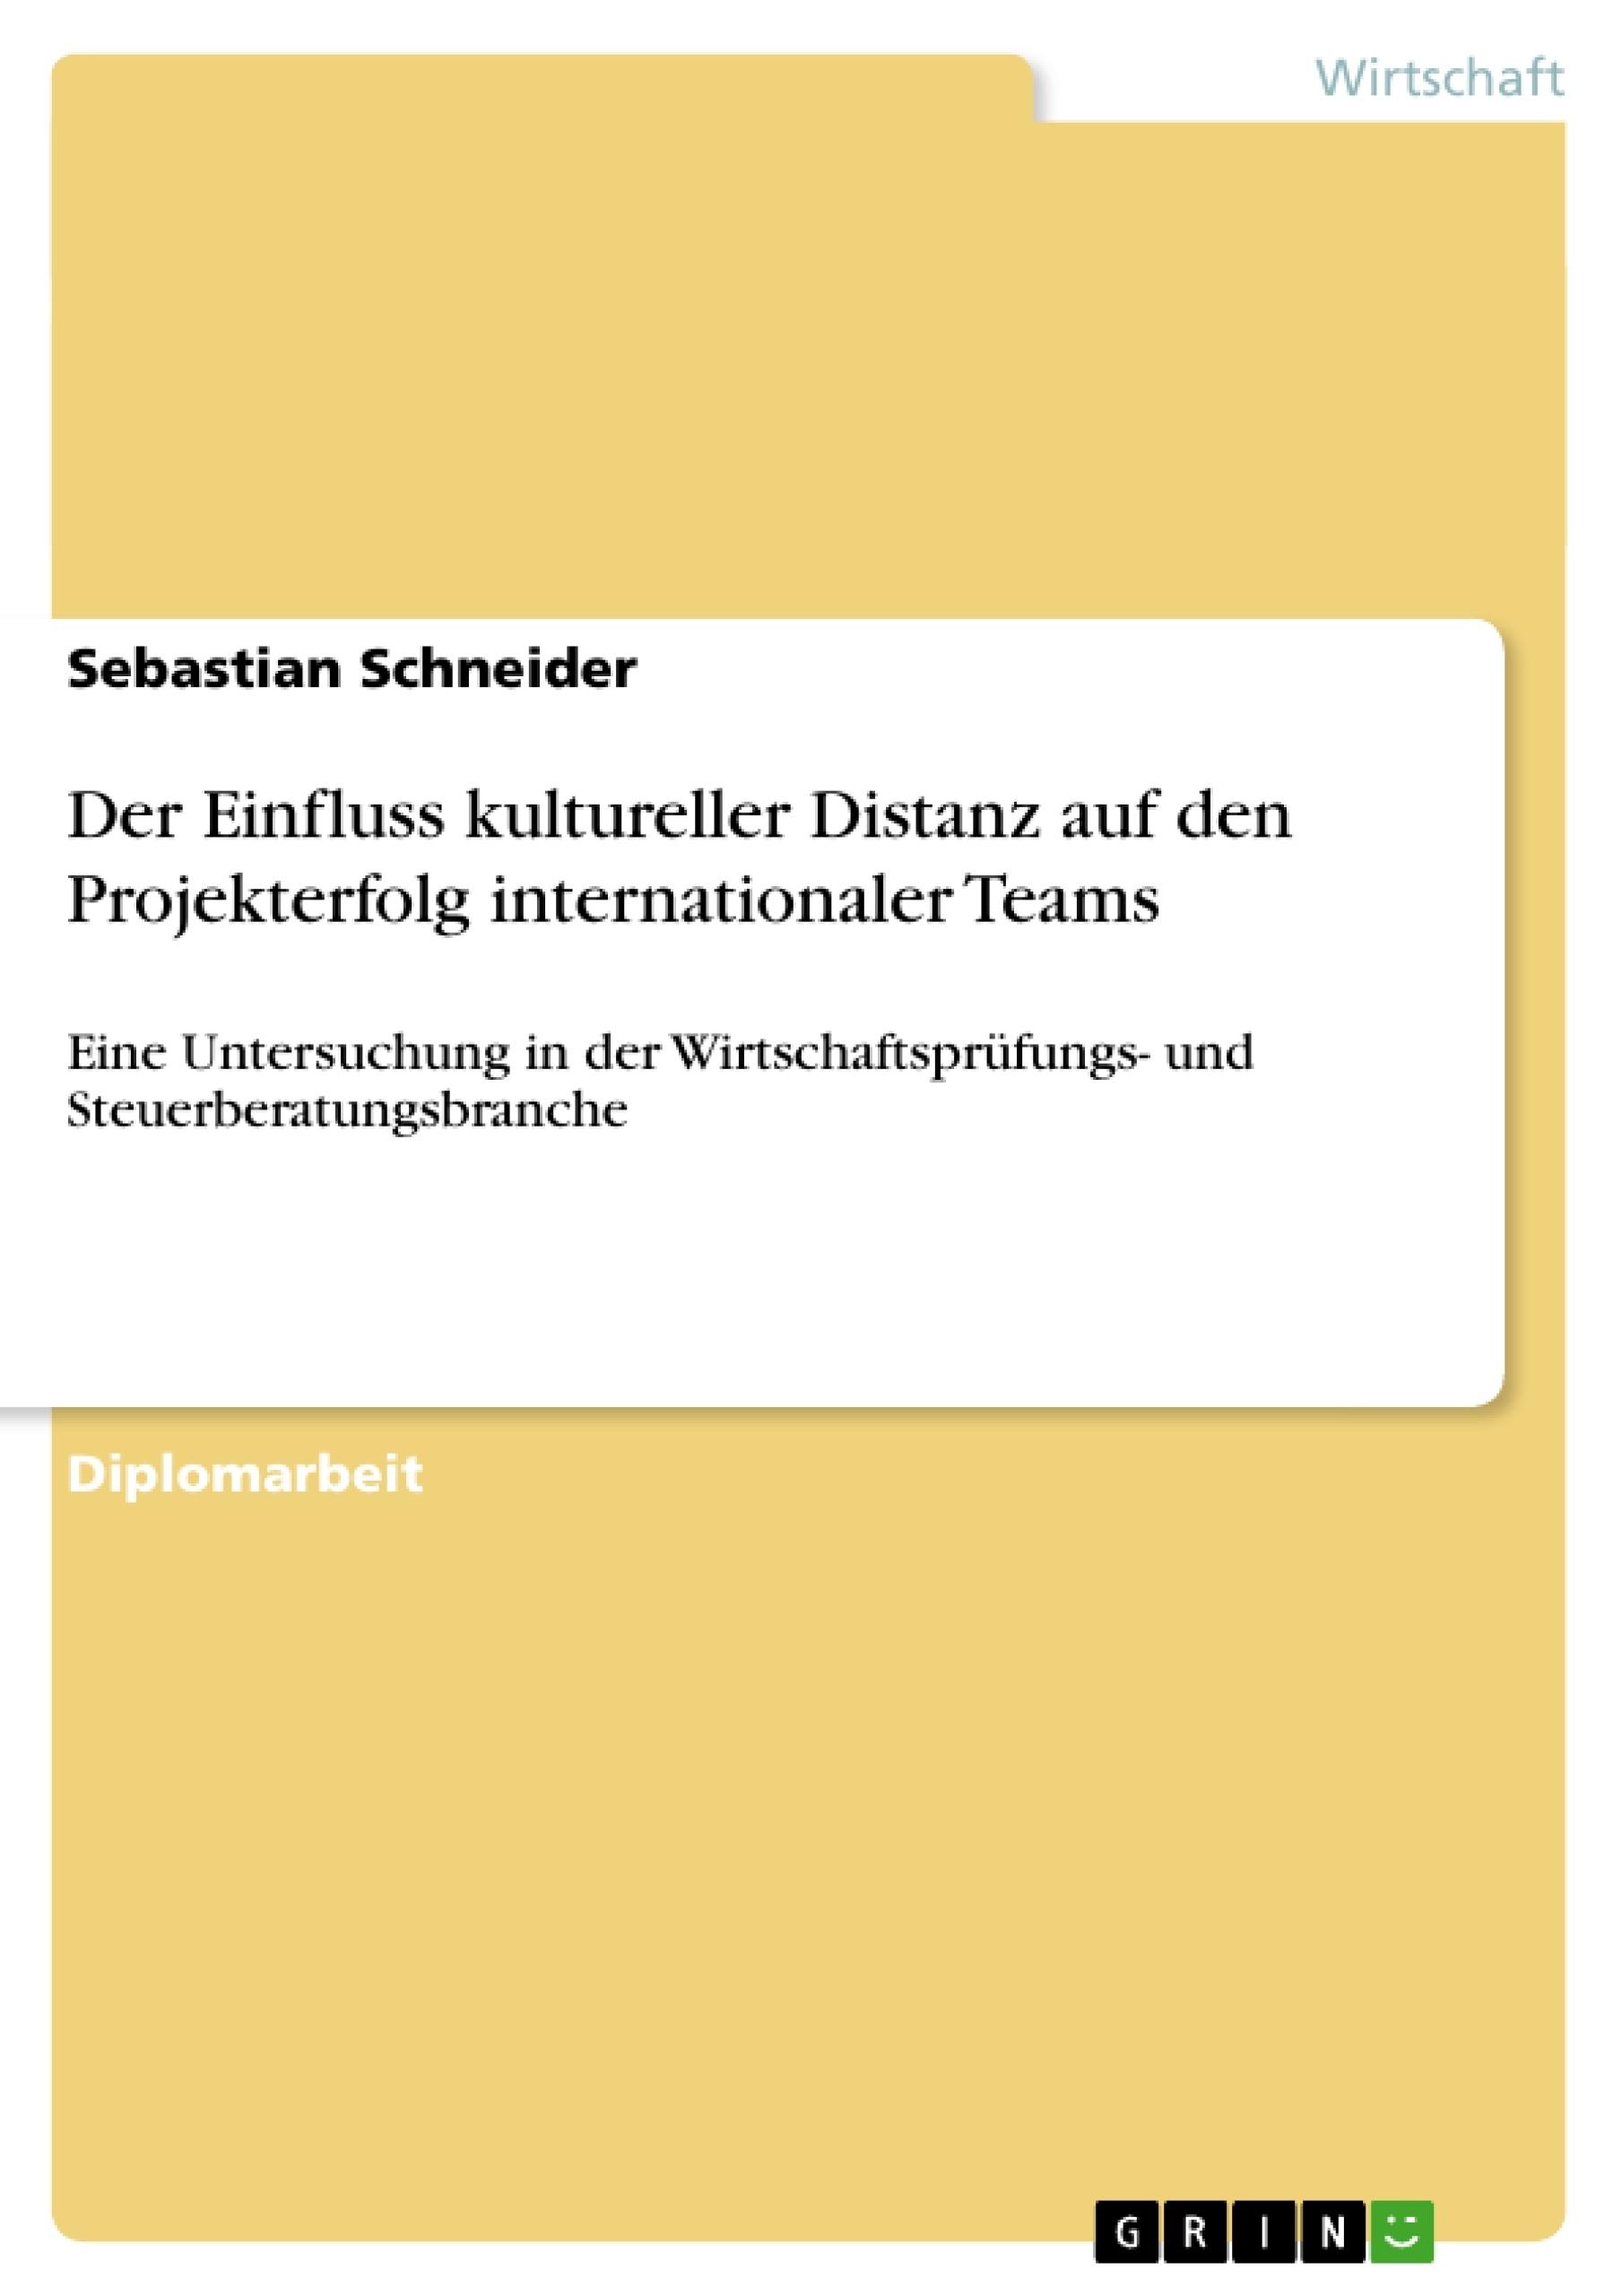 Titel: Der Einfluss kultureller Distanz auf den Projekterfolg internationaler Teams